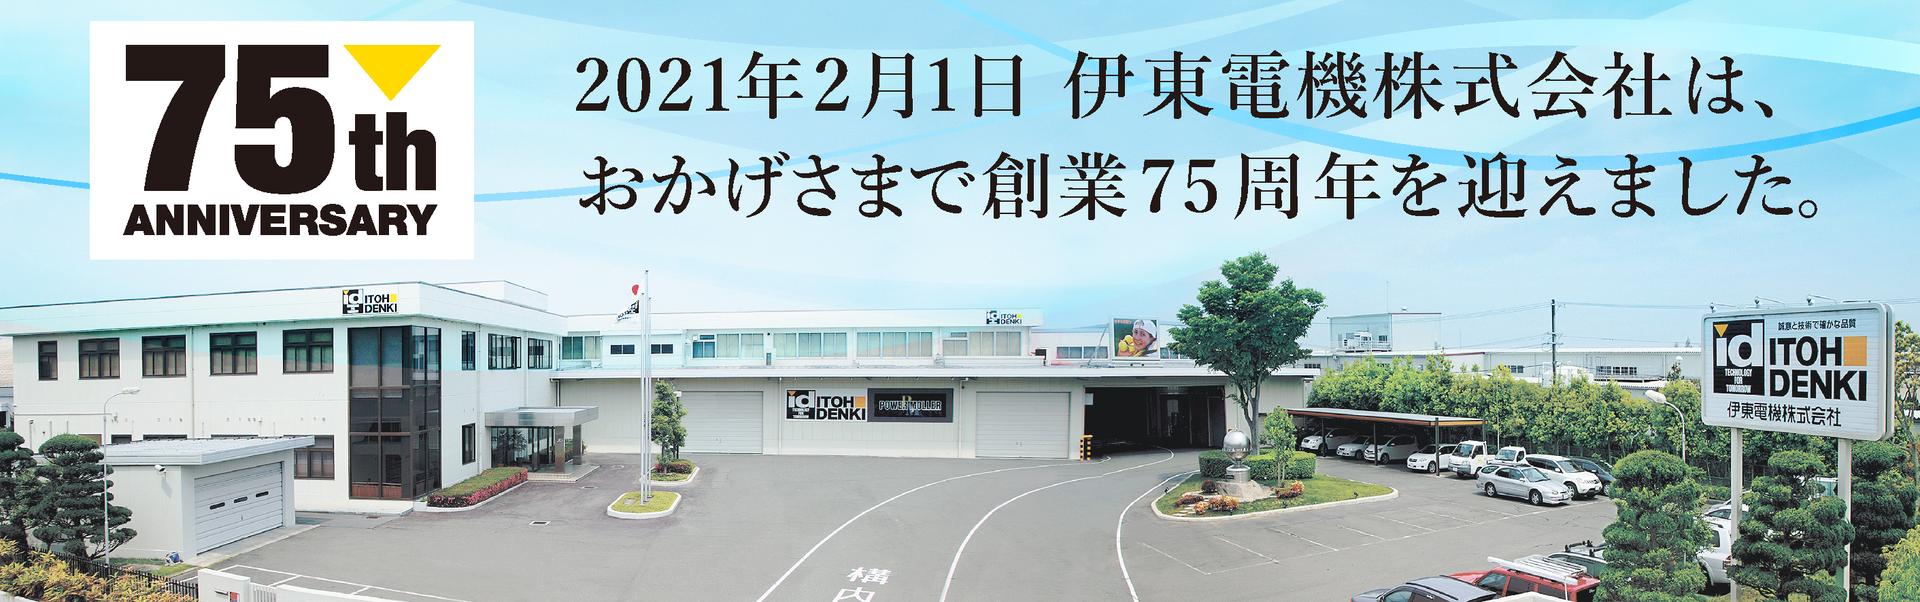 伊東電機株式会社は、おかげさまで創業75周年を迎えました。